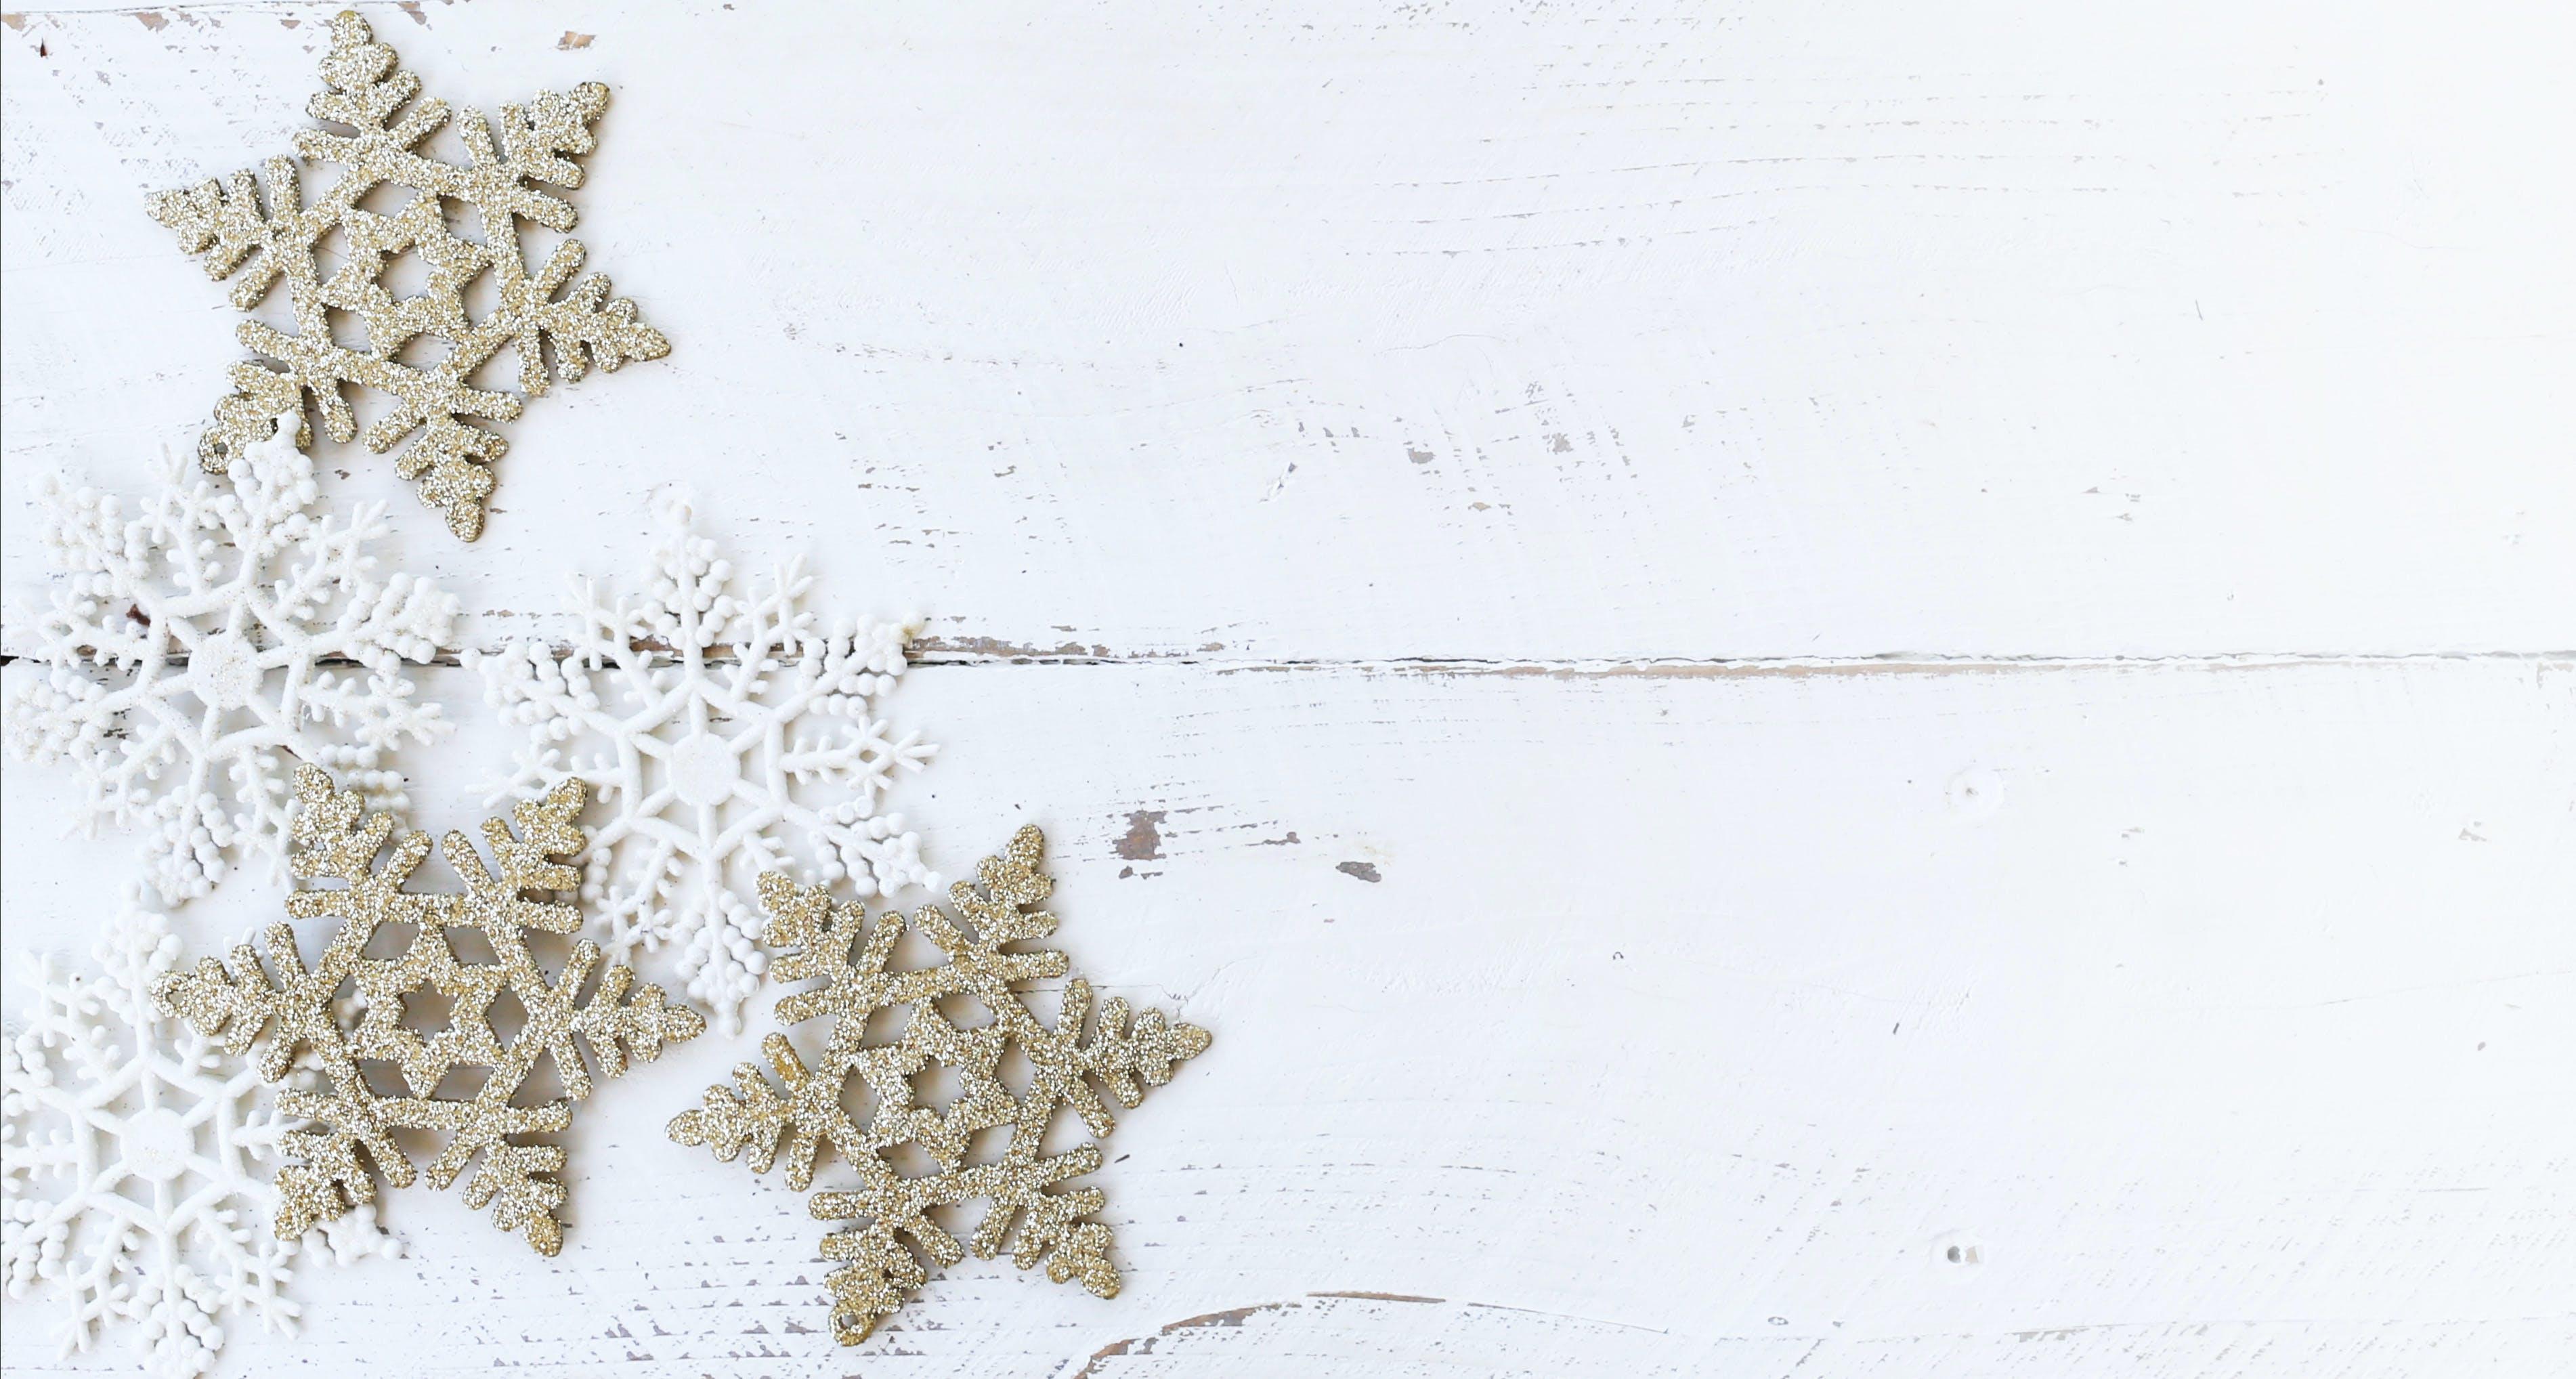 Gratis lagerfoto af blogbilleder, ferie, hvid baggrund, hvid jul